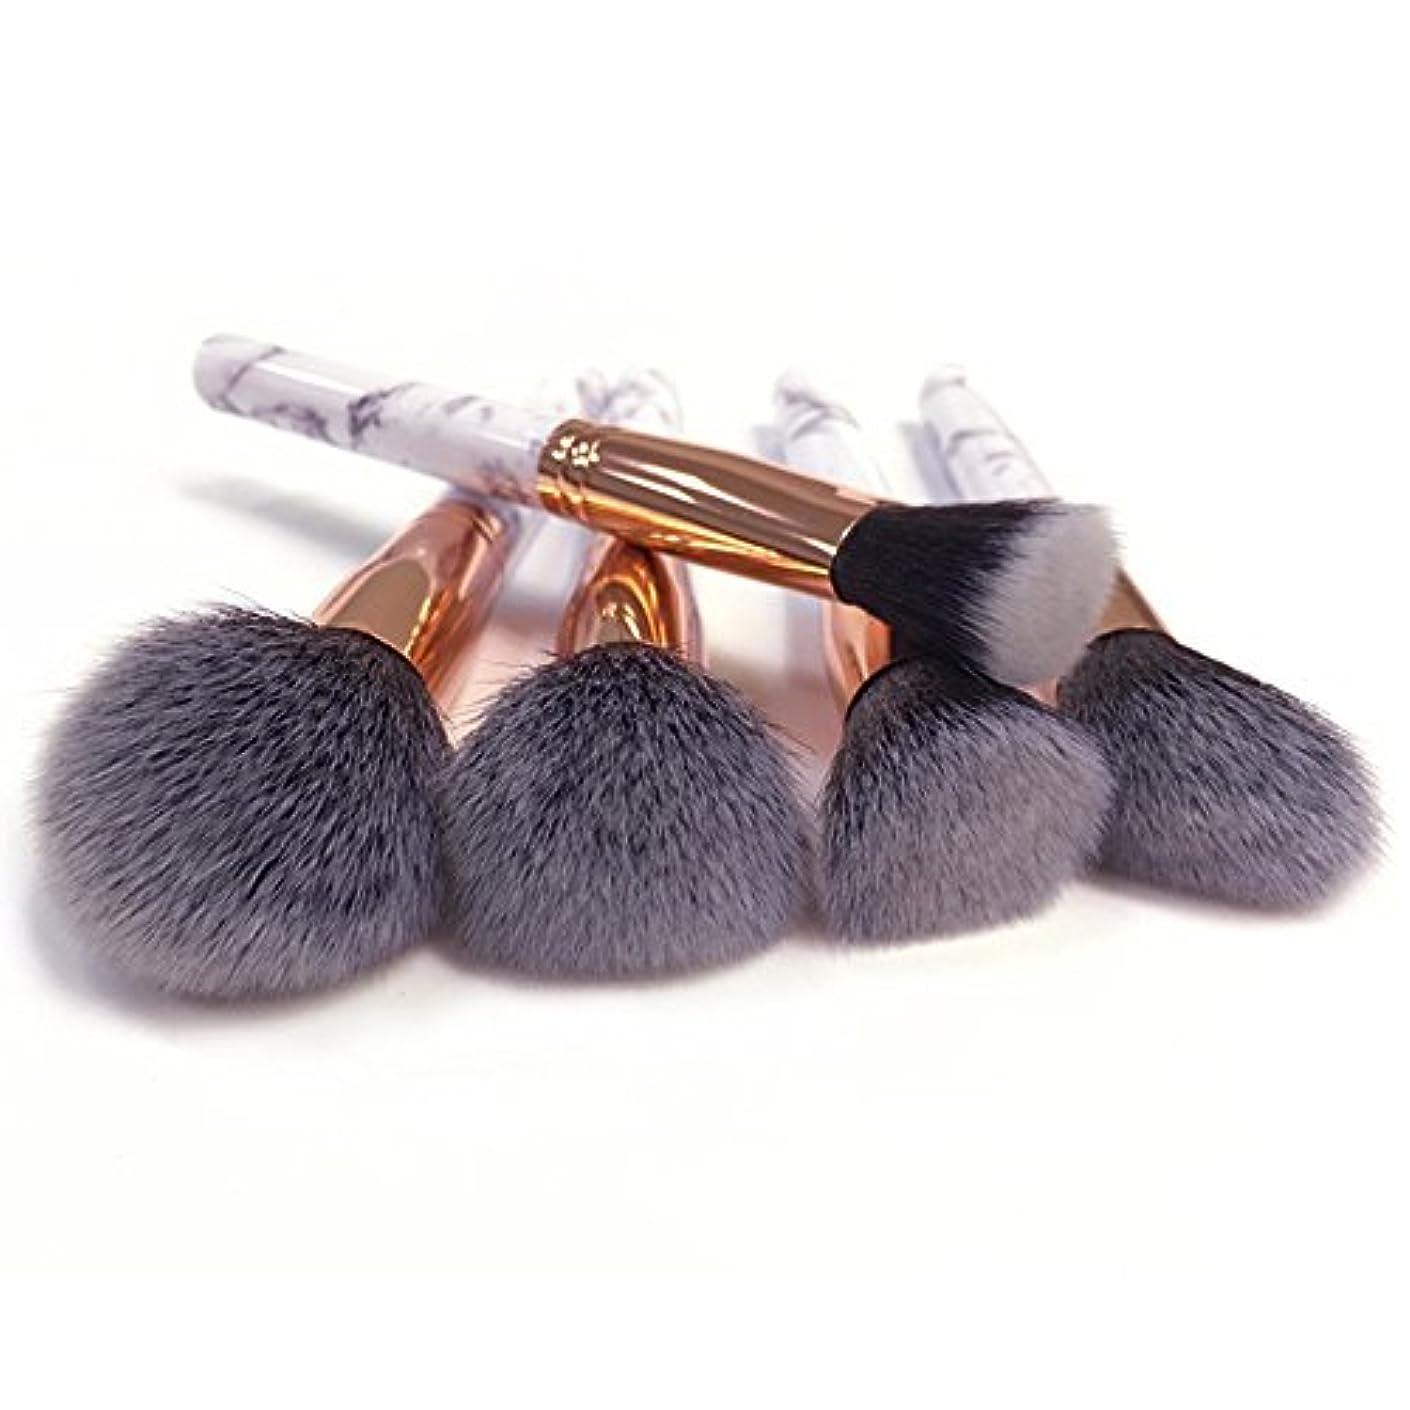 突破口吸収する悪意Akane 10本 大理石紋 超気質的 セート 多機能 柔らかい たっぷり 高級 優雅 綺麗 魅力 上等な使用感 激安 日常 仕事 おしゃれ Makeup Brush メイクアップブラシ